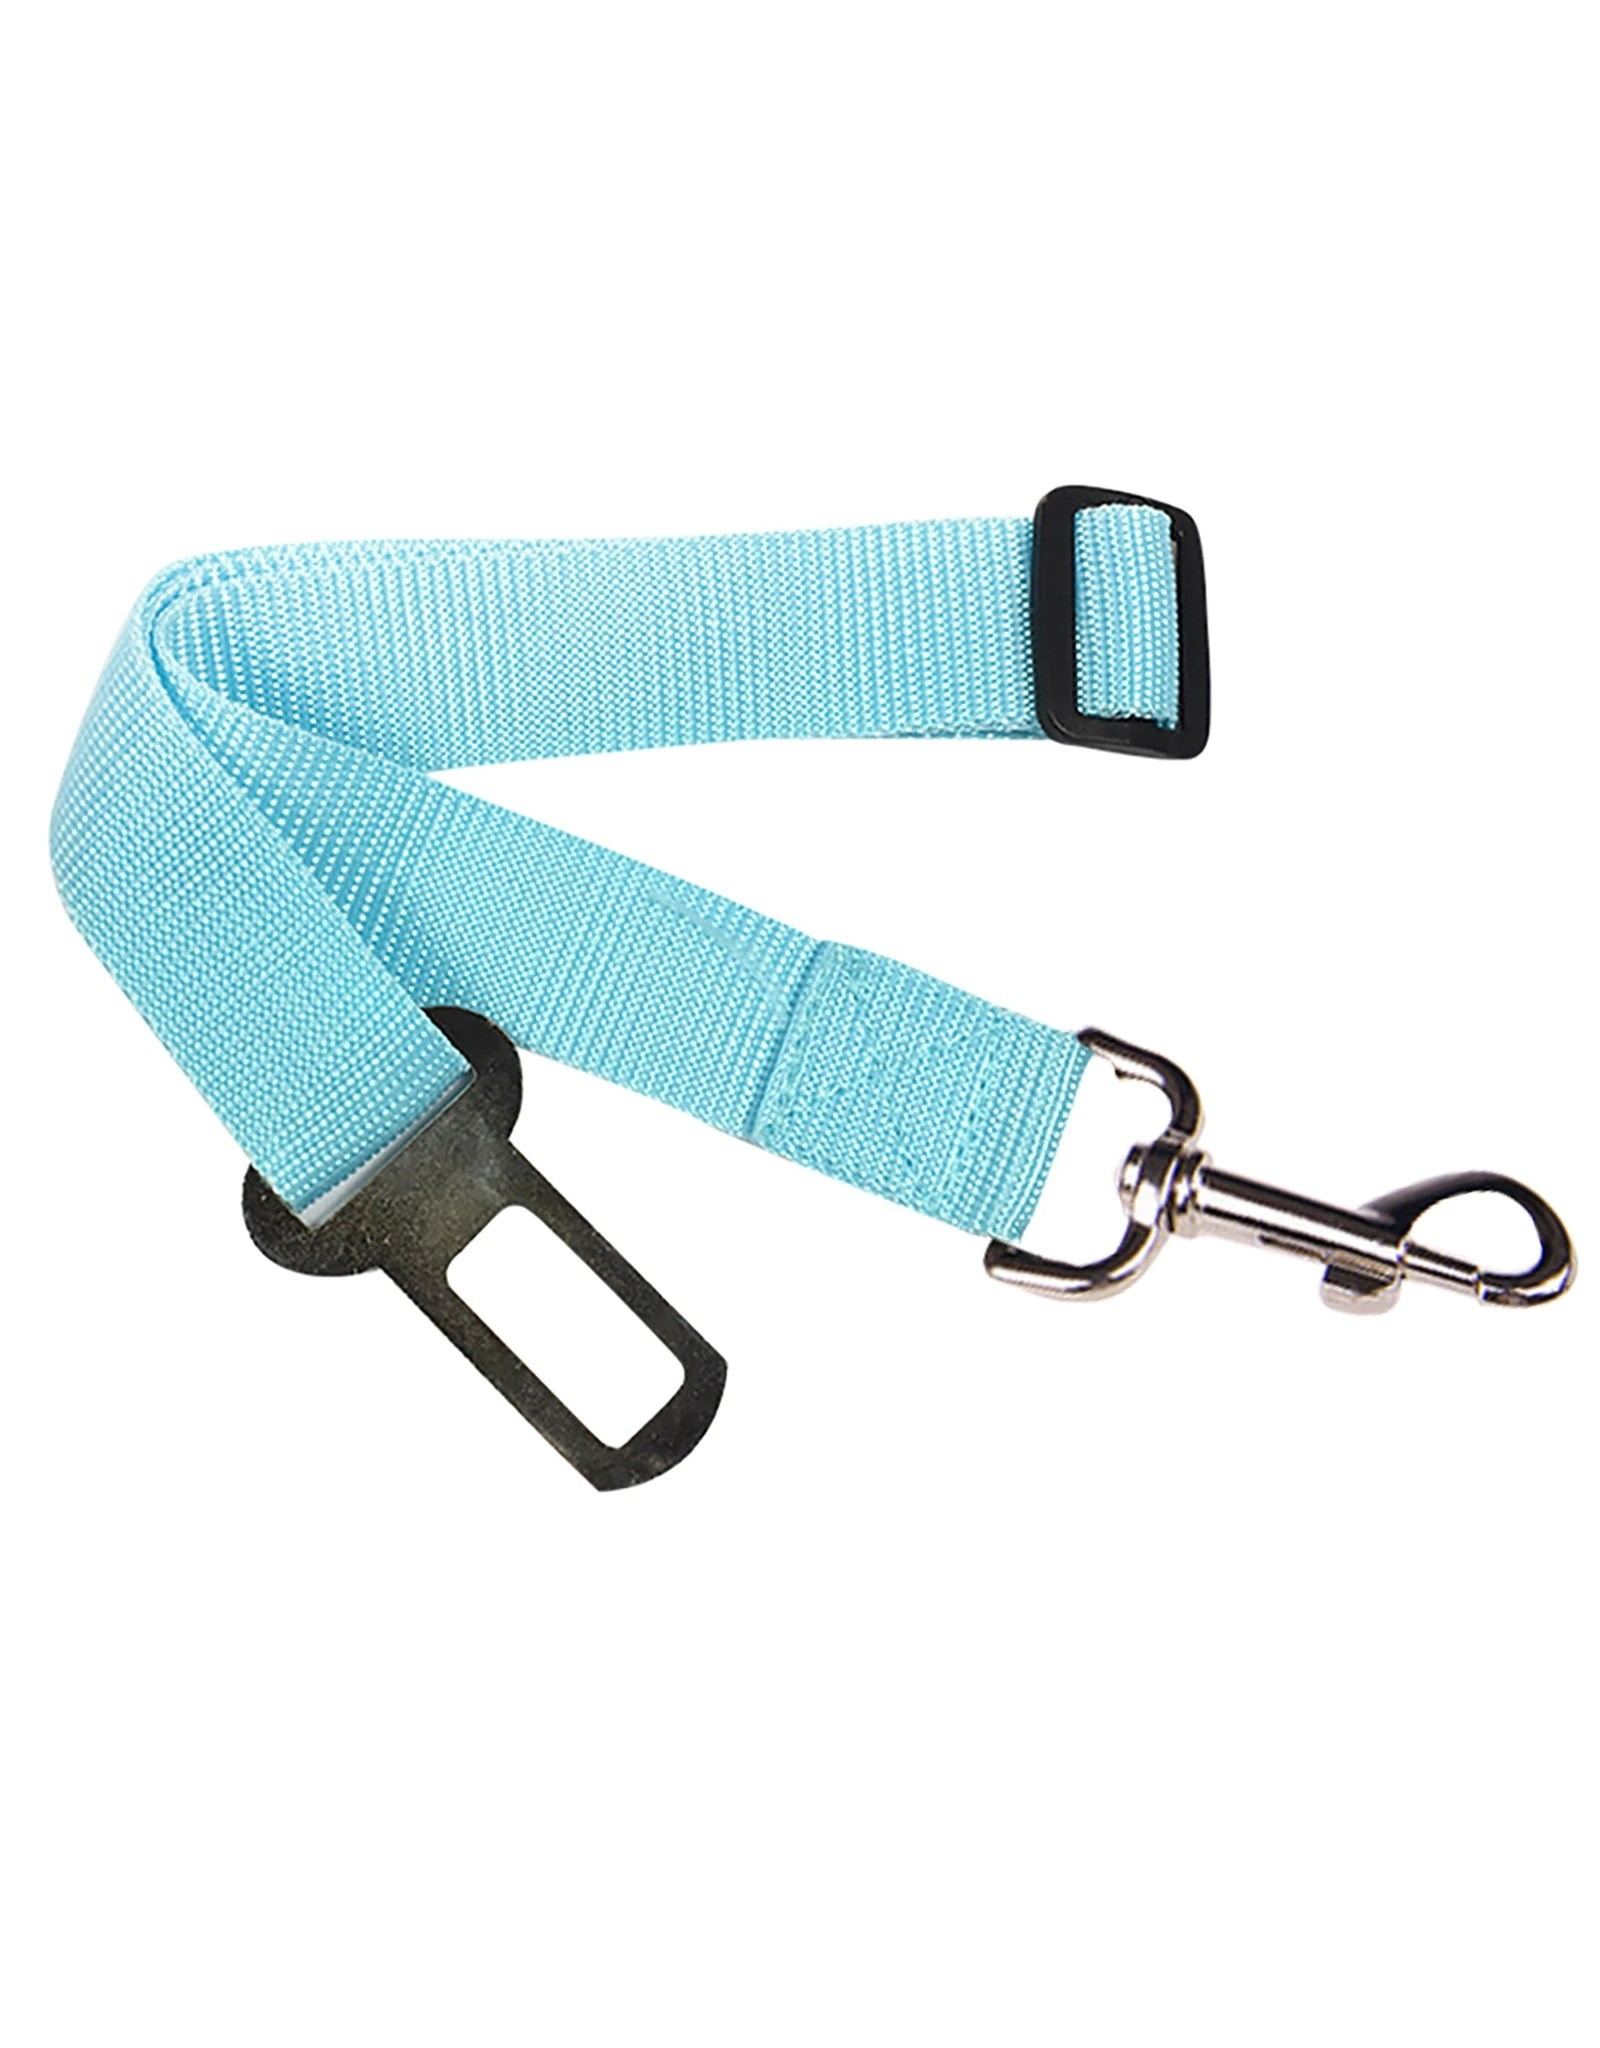 Hondengordel - veiligheid - hondenautogordel - veiligheidsgordel hond